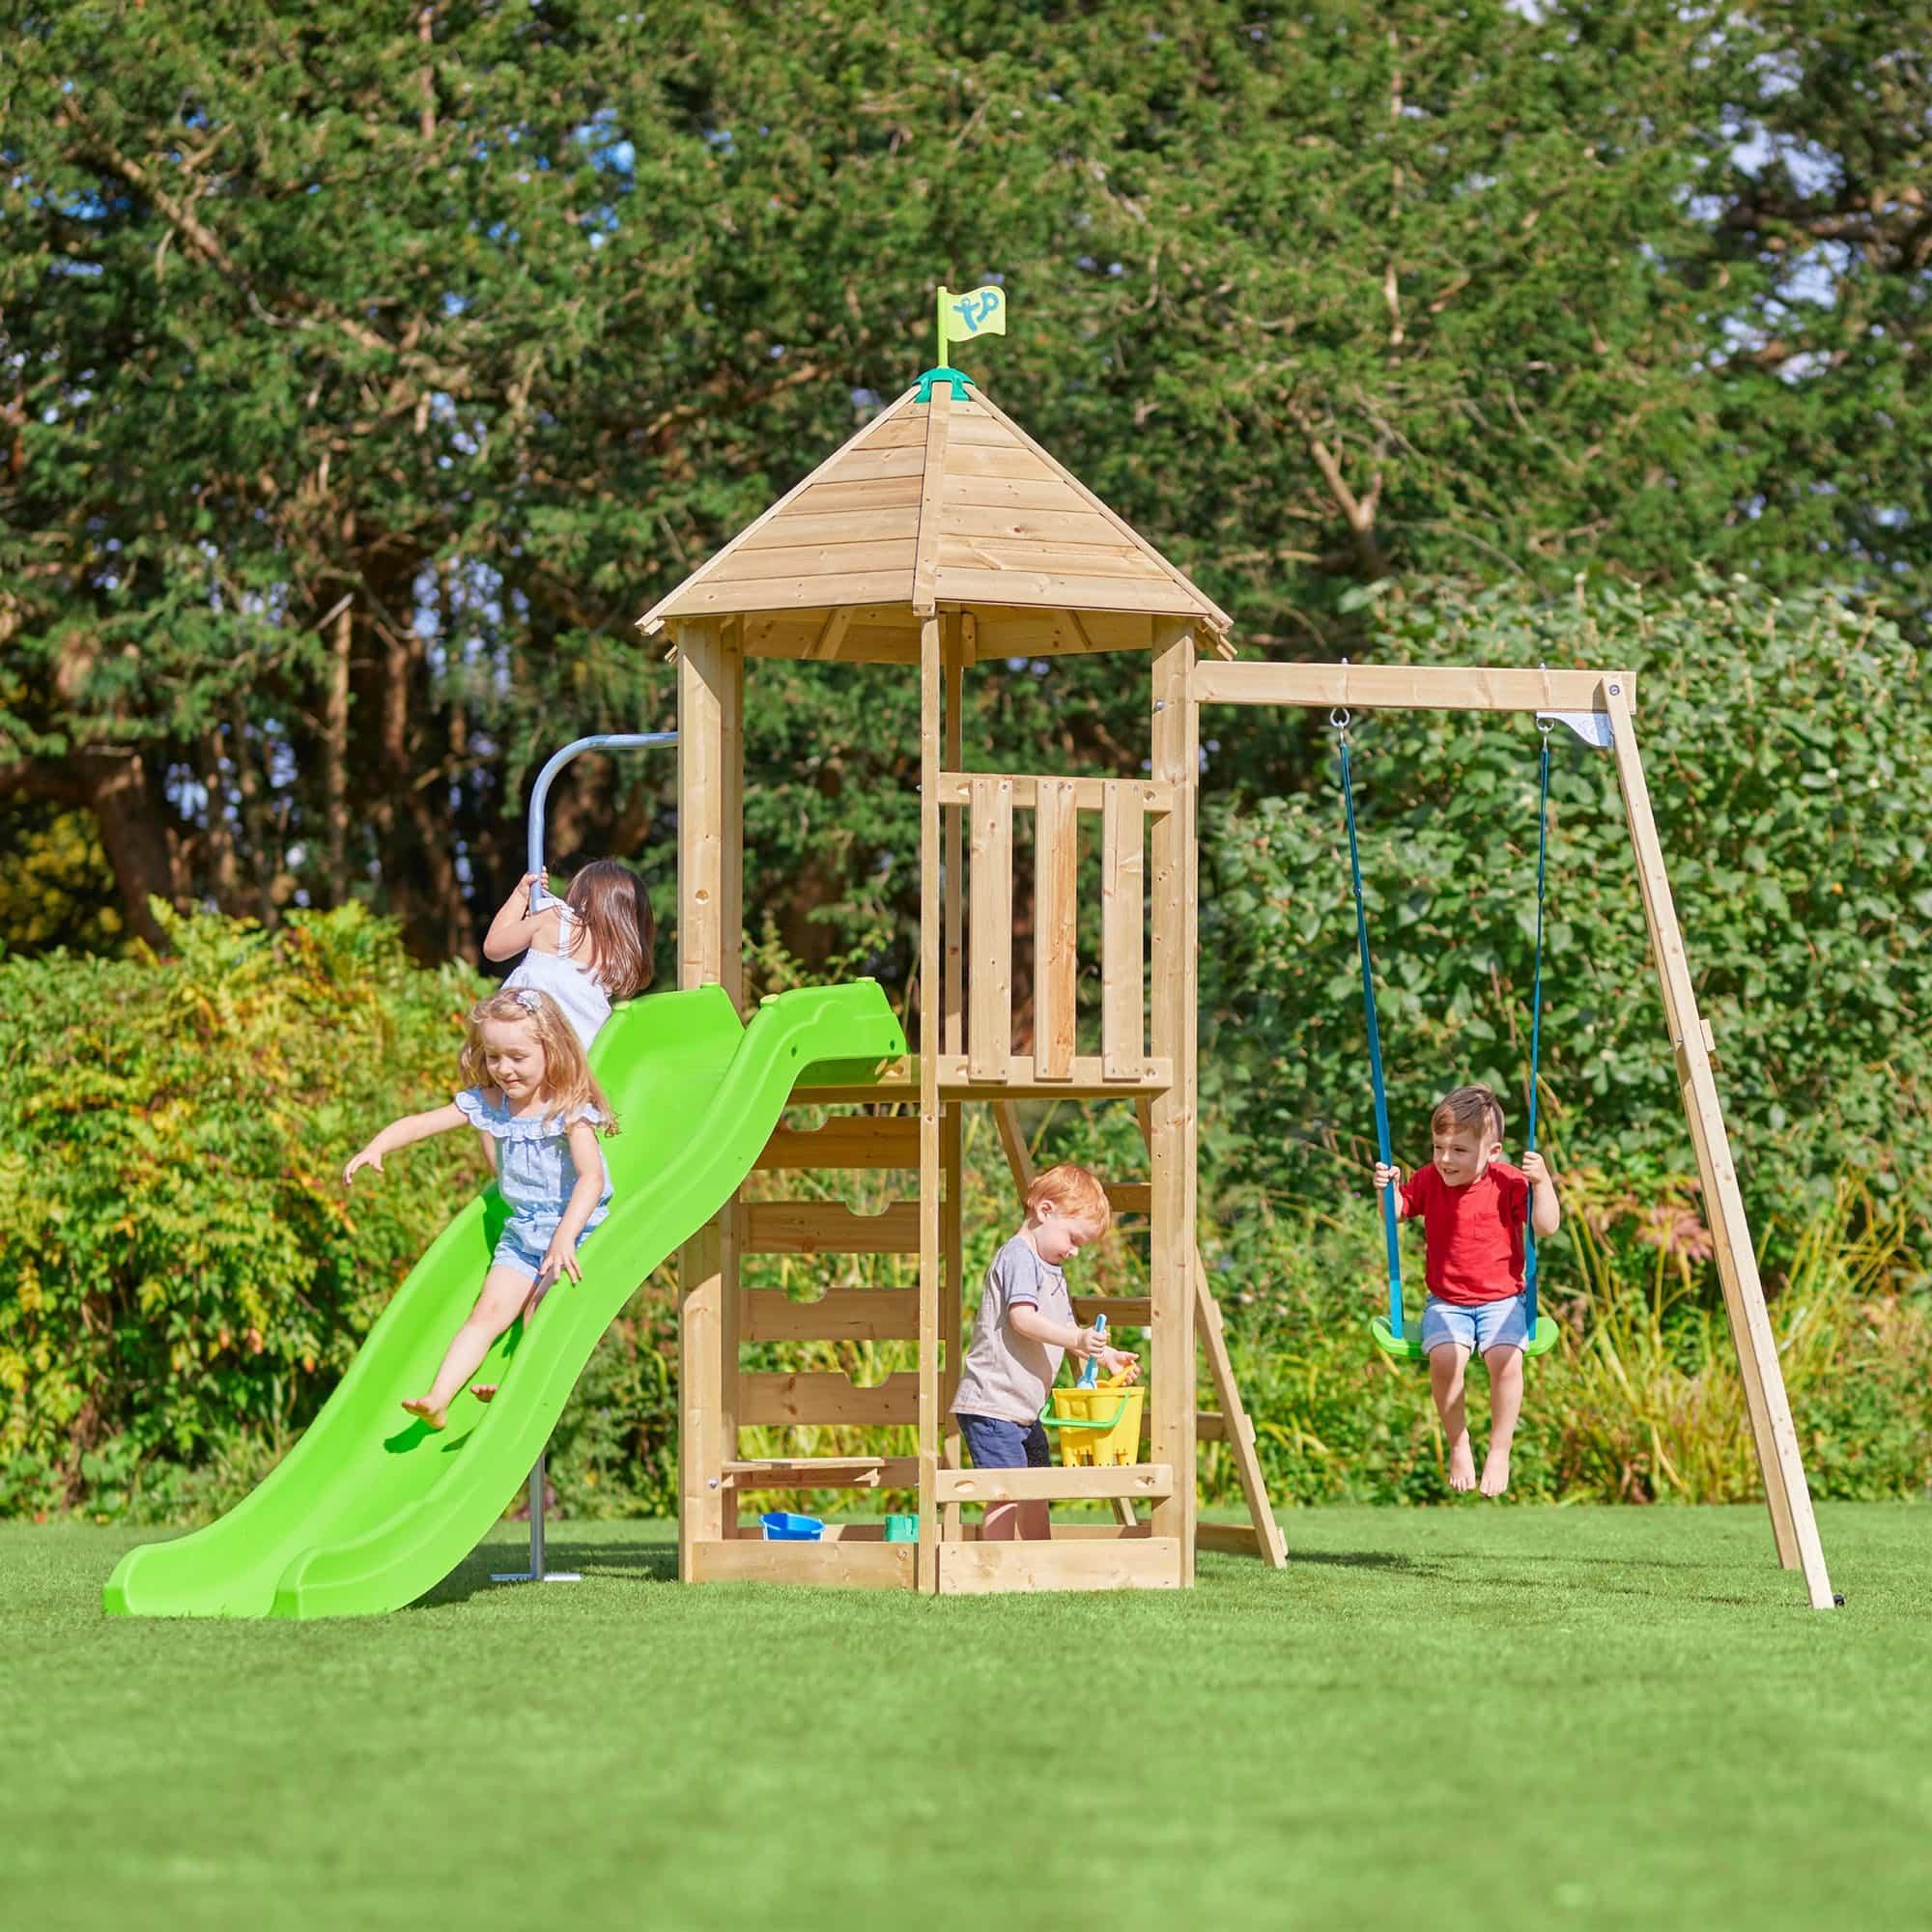 Tp Castlewood Sherborne Single Wooden Swing Set & Crazywavy Slide